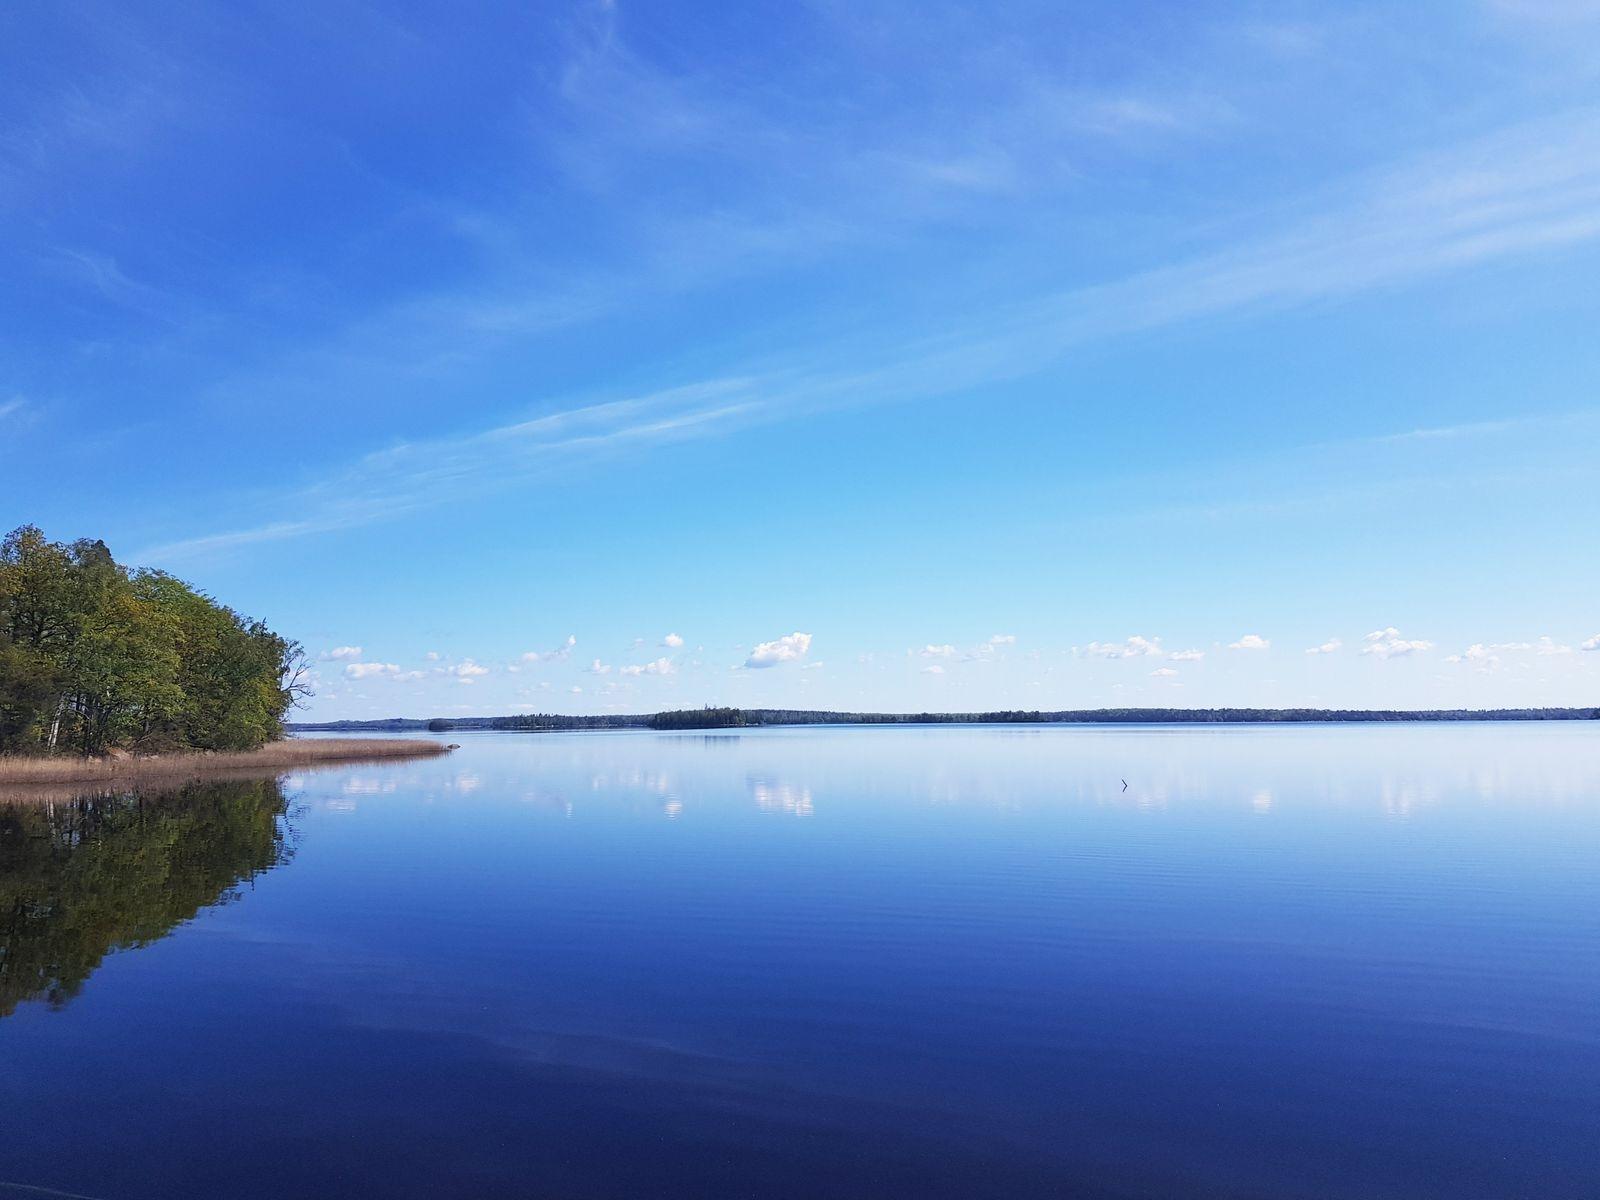 Sjön Åsnen ligger helt vindstilla och spegelblank.